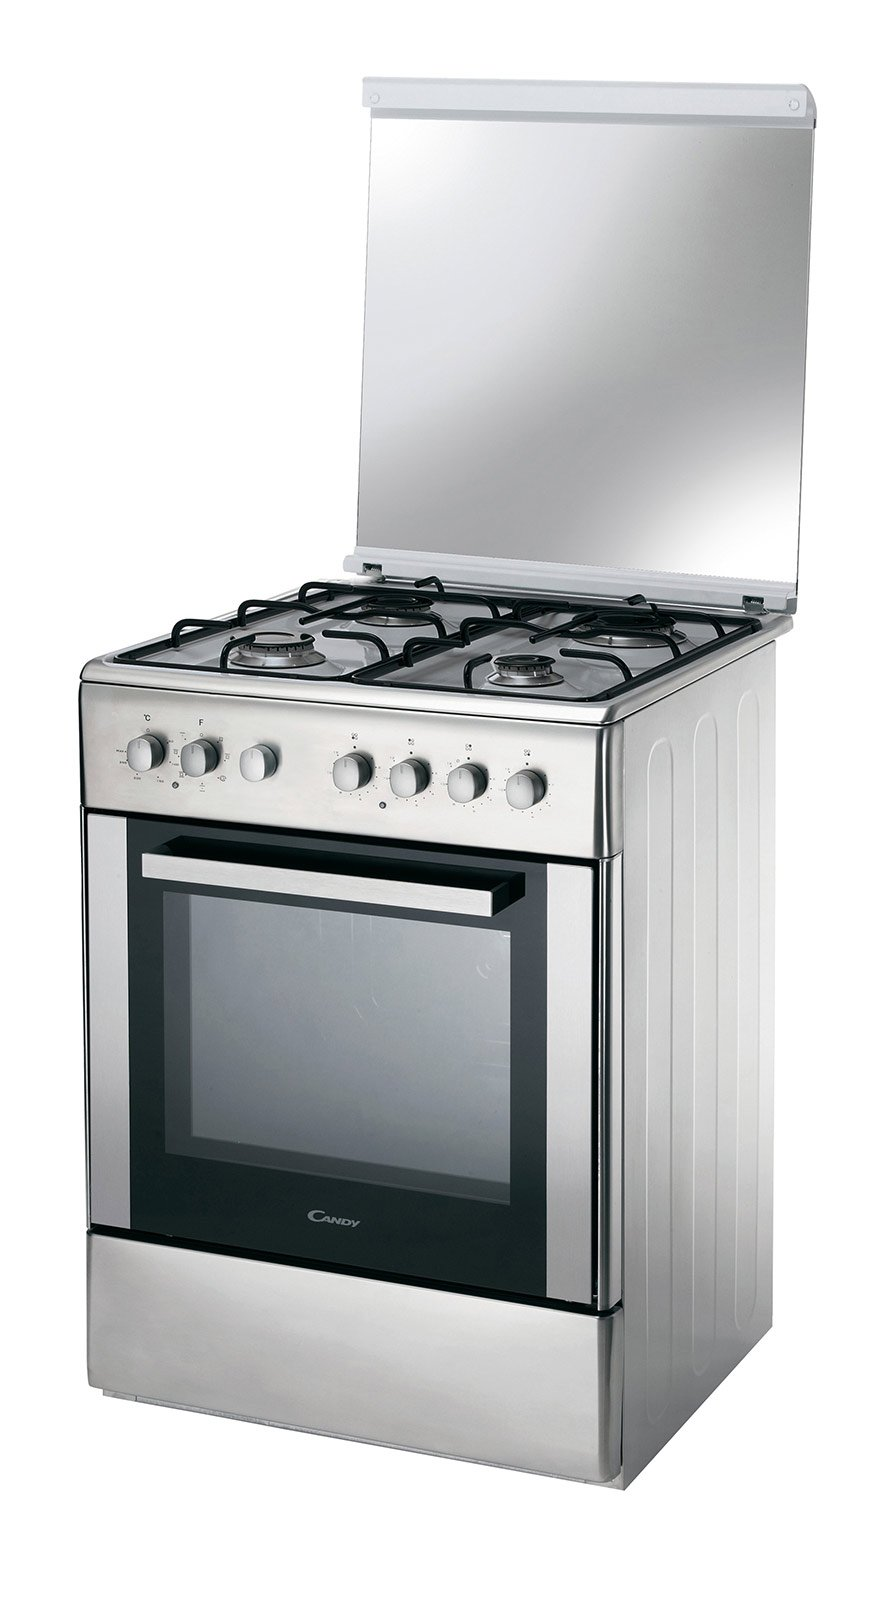 Tecnica prezzi cucina a gas con forno a gas ventilato - Marche cucine a gas ...